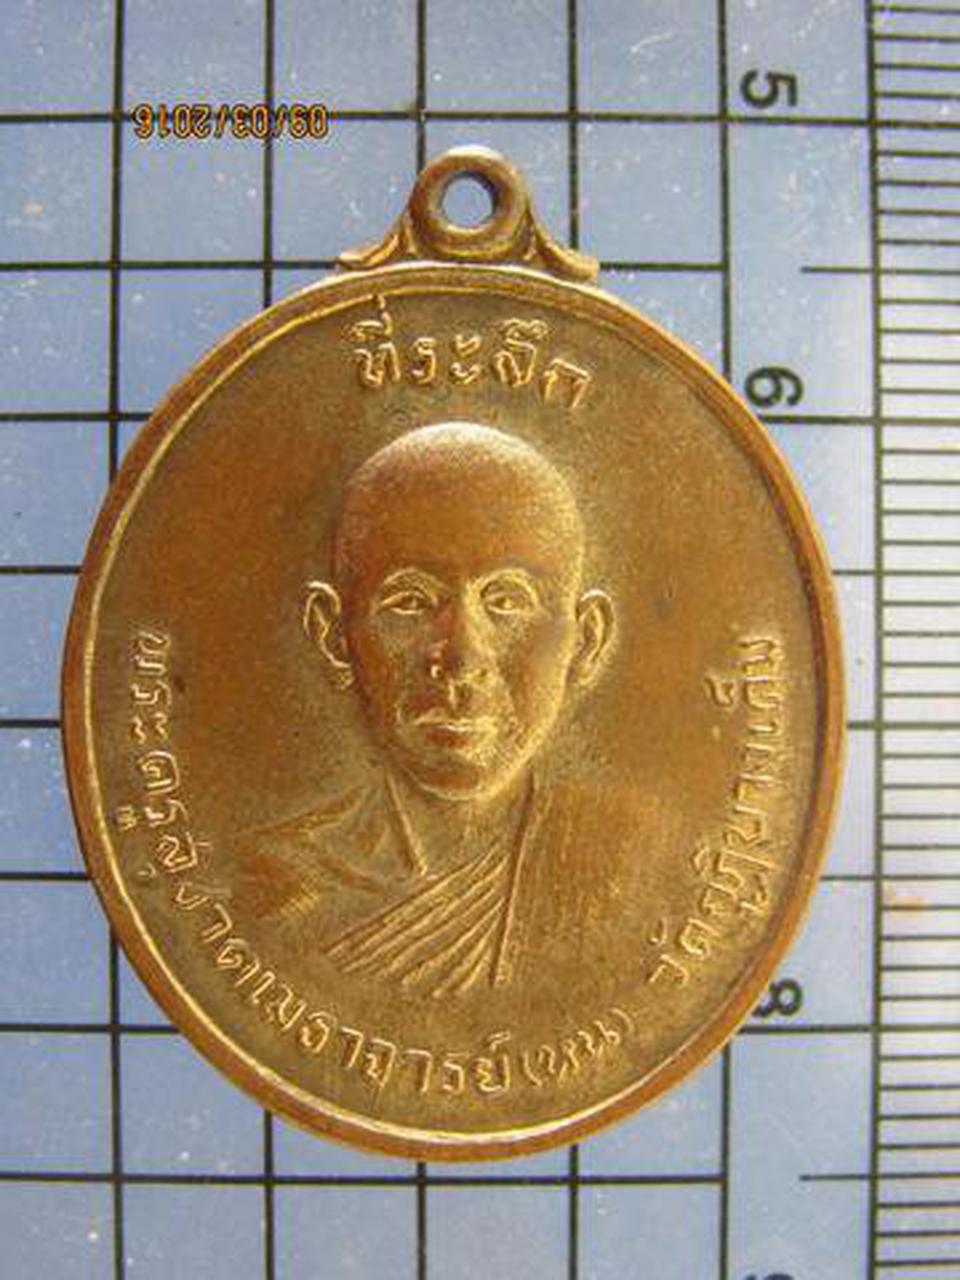 3207 เหรียญพระครูสุชาต เมธาจารย์(หน) วัดกุฏิบางเค็ม ปี2513 จ รูปที่ 2